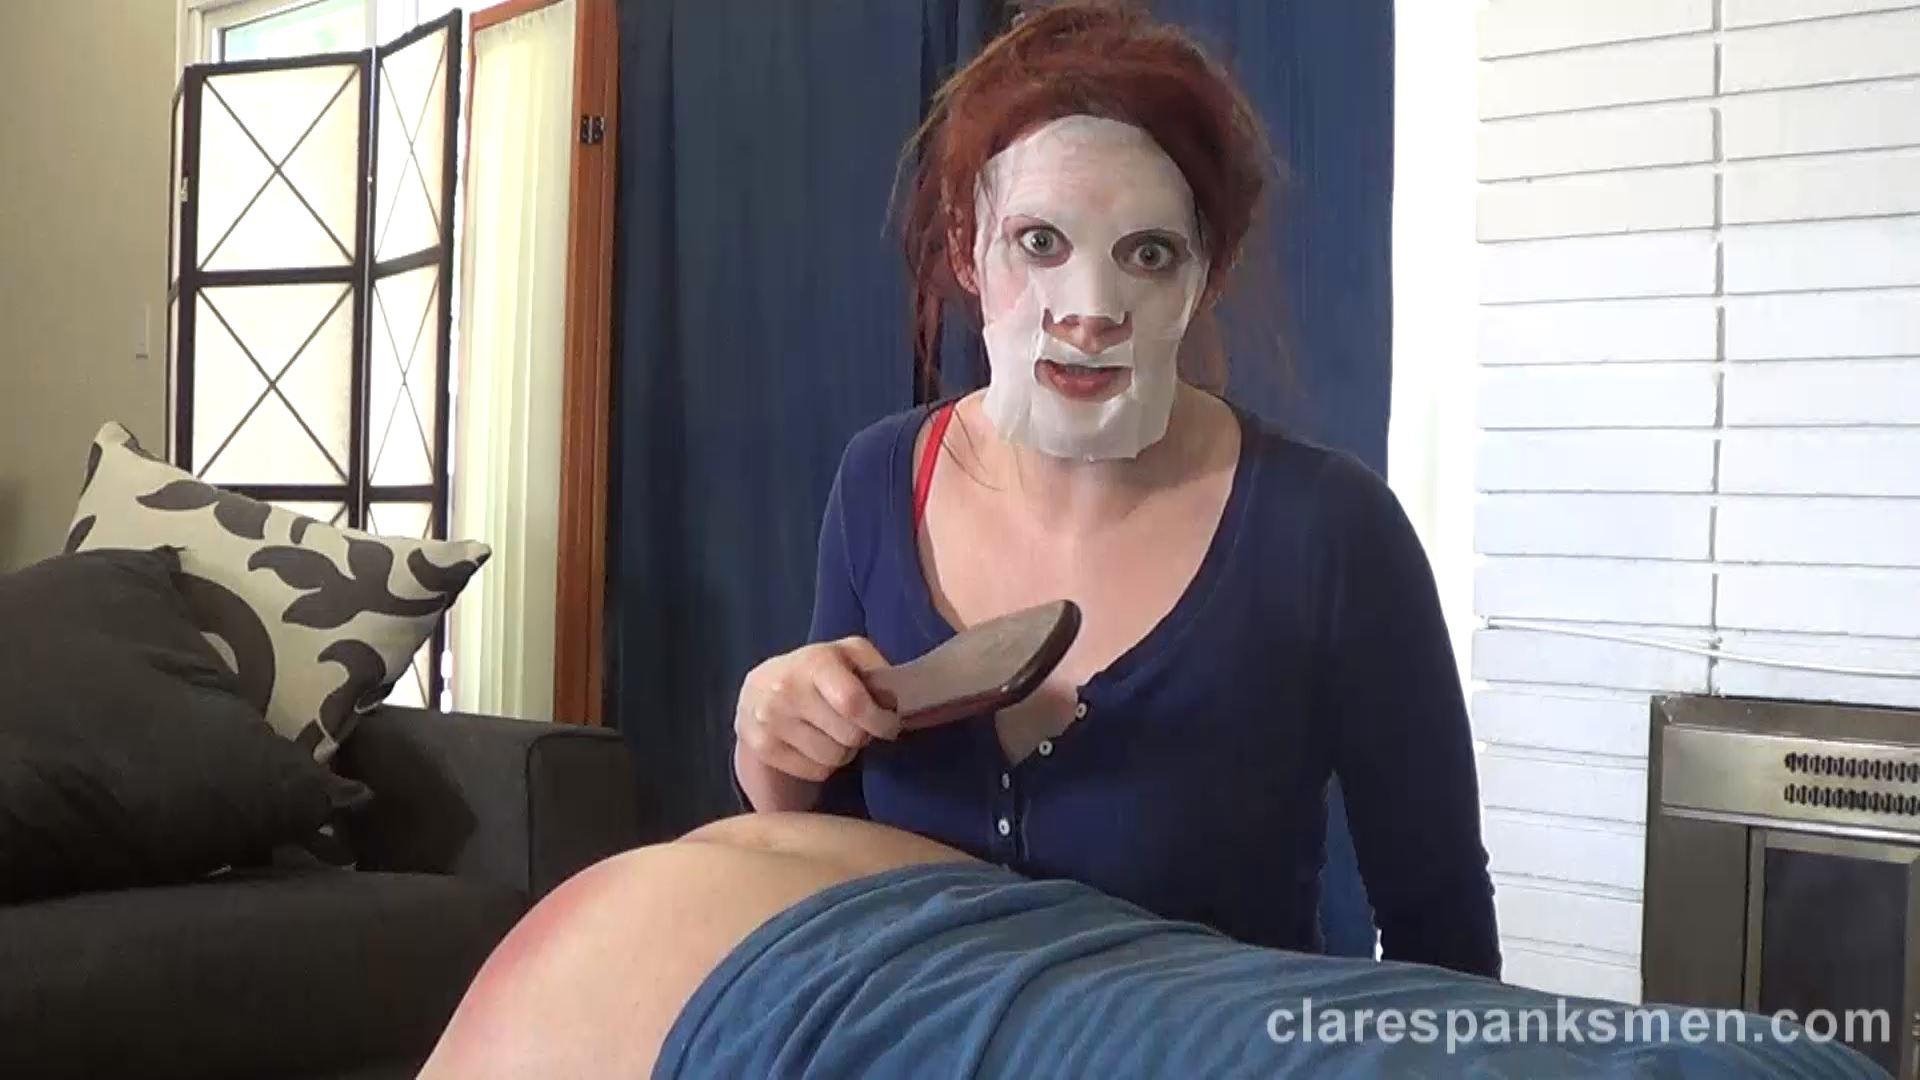 Audrey Tate In Scene: Wife Spanks in Face Mask - CLARESPANKSMEN - FULL HD/1080p/MP4